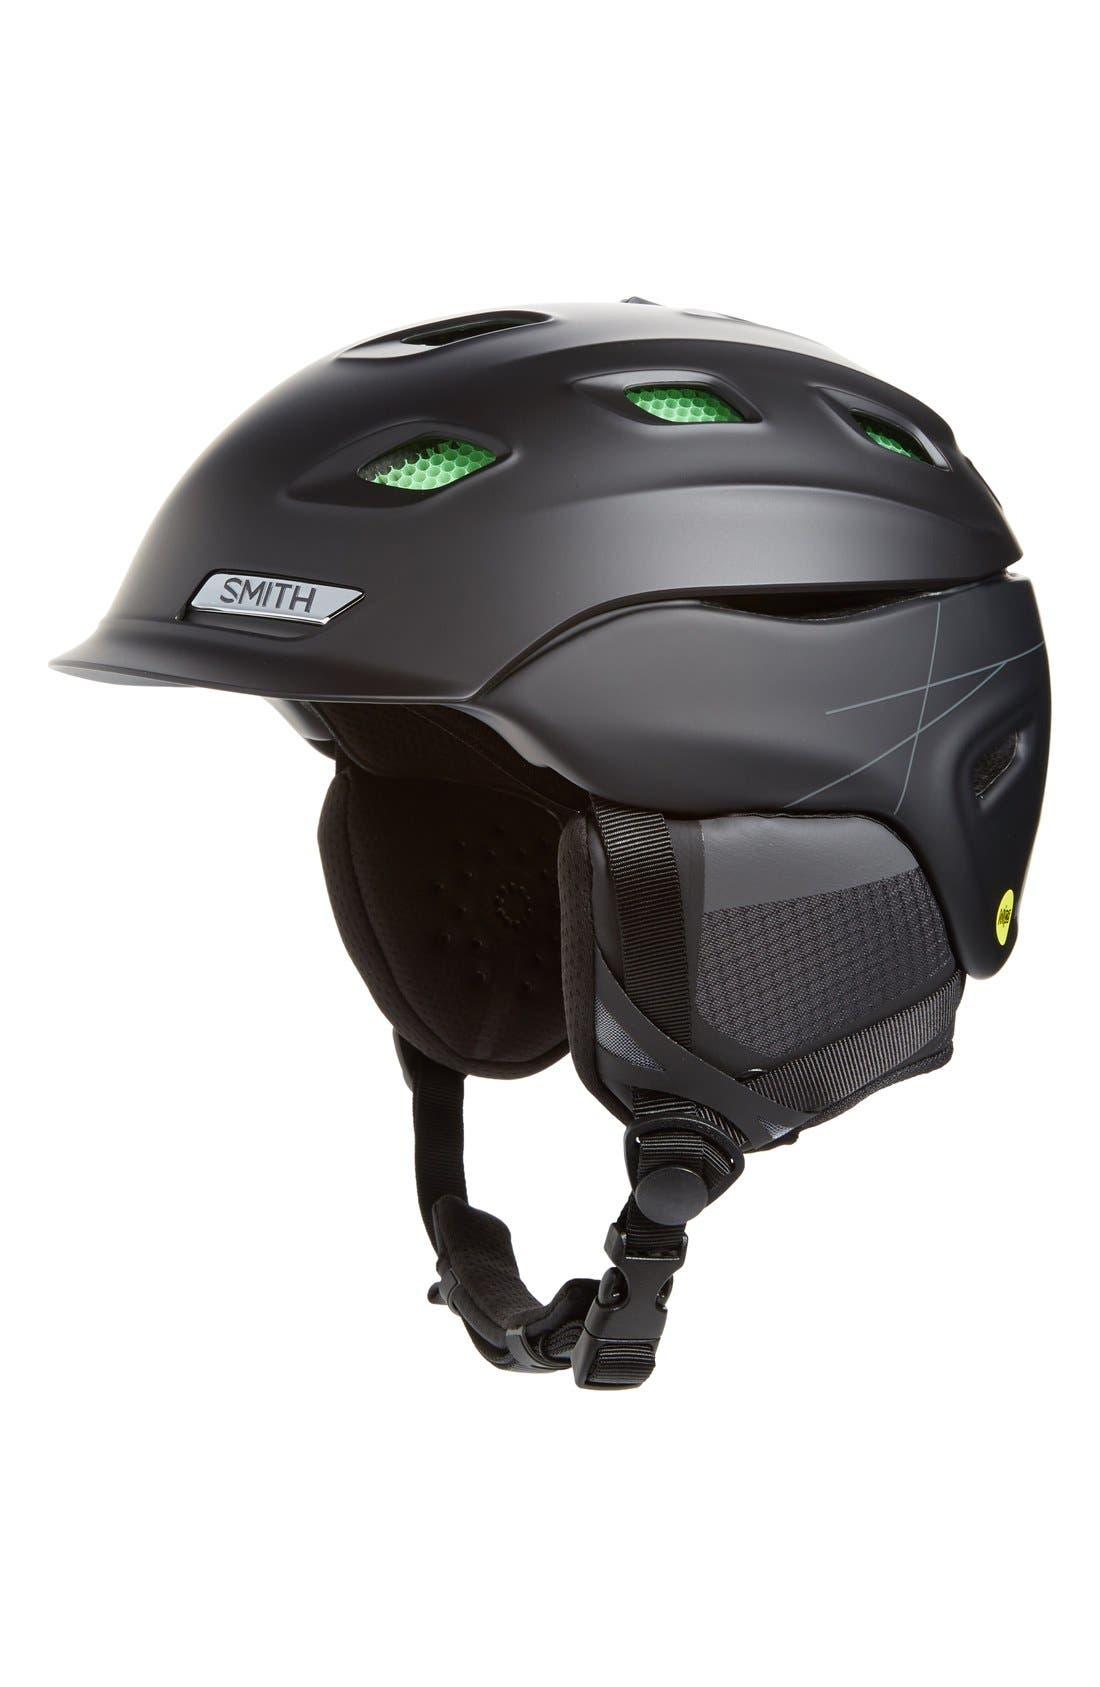 Smith Vantage Snow Helmet with MIPS